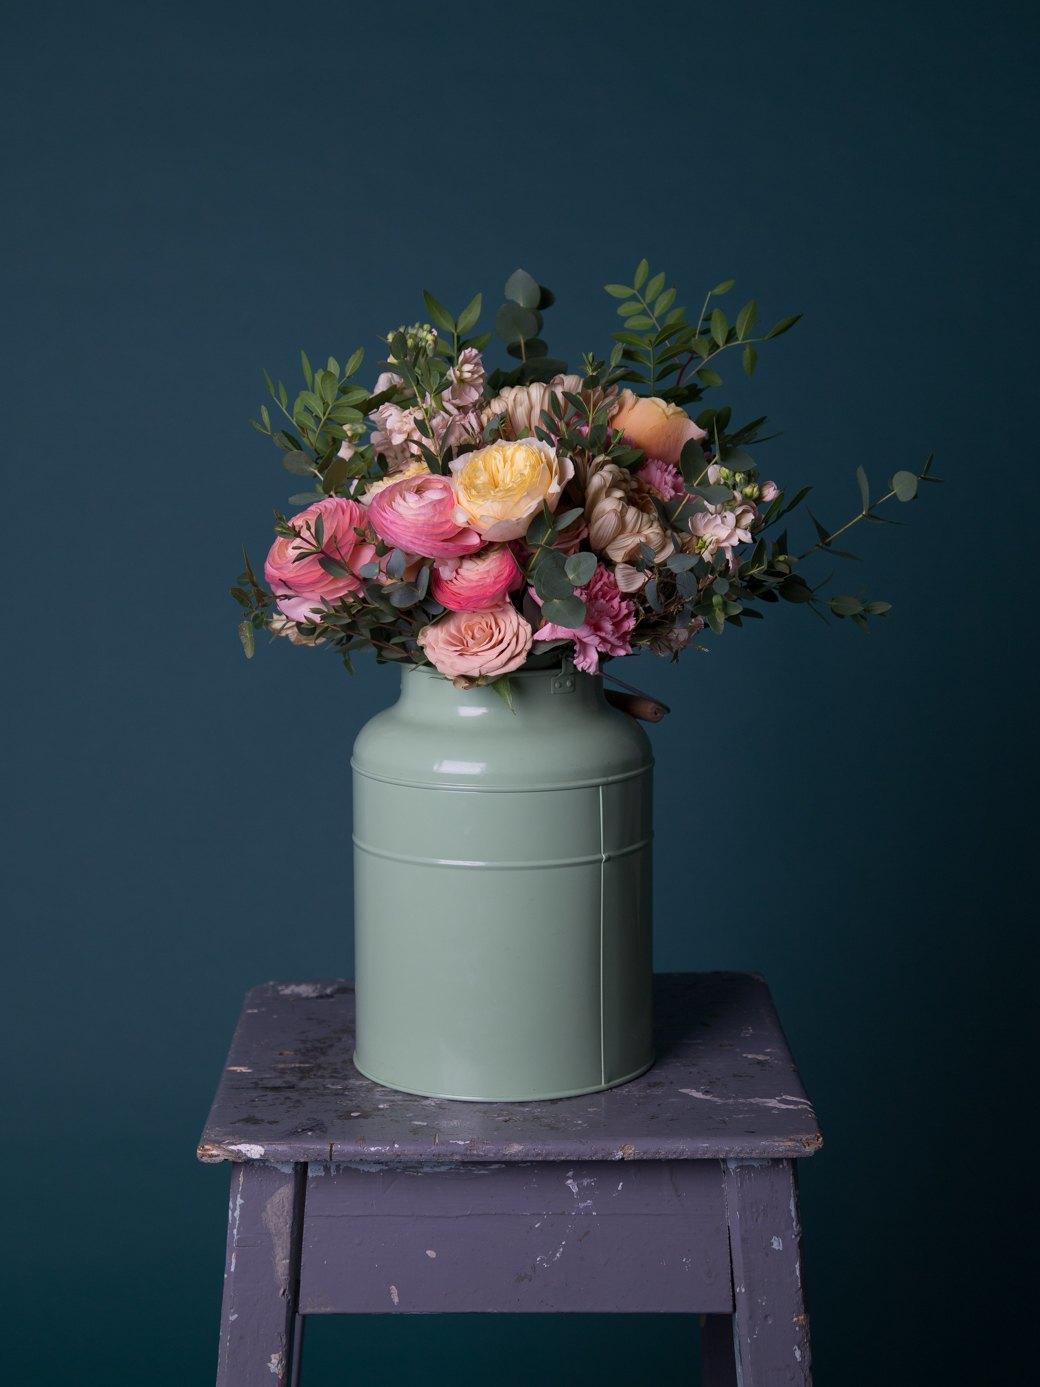 Сколько стоит букет цветов?. Изображение № 73.